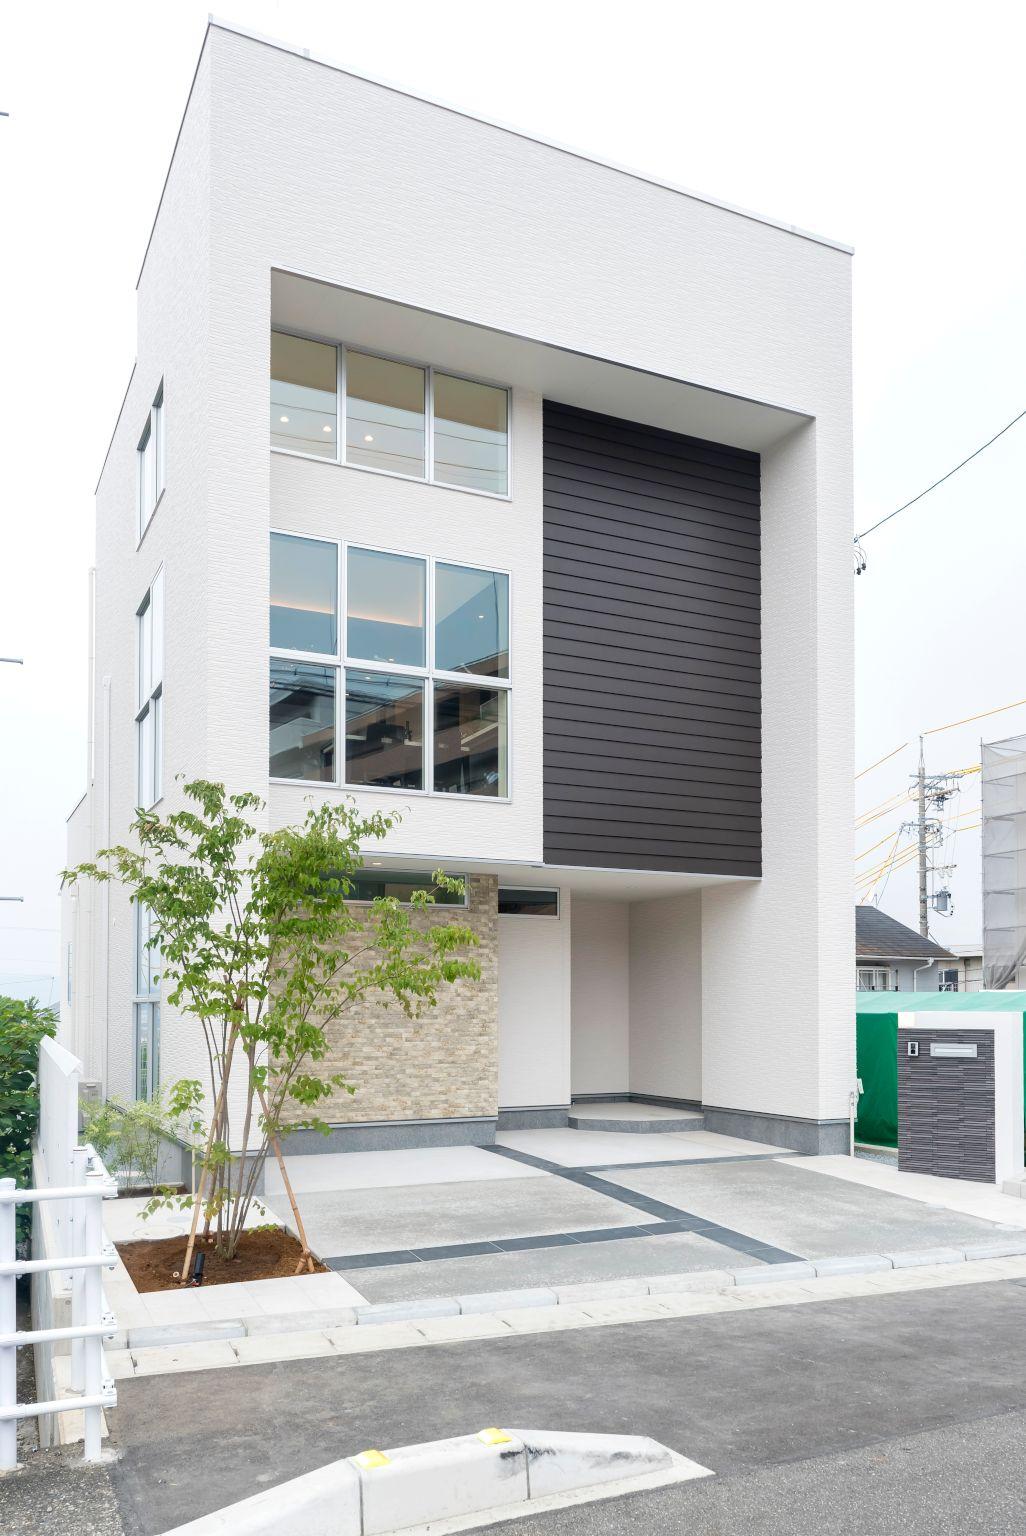 駿河区池田 ラグジュアリー空間の家【期間限定 予約制見学会】